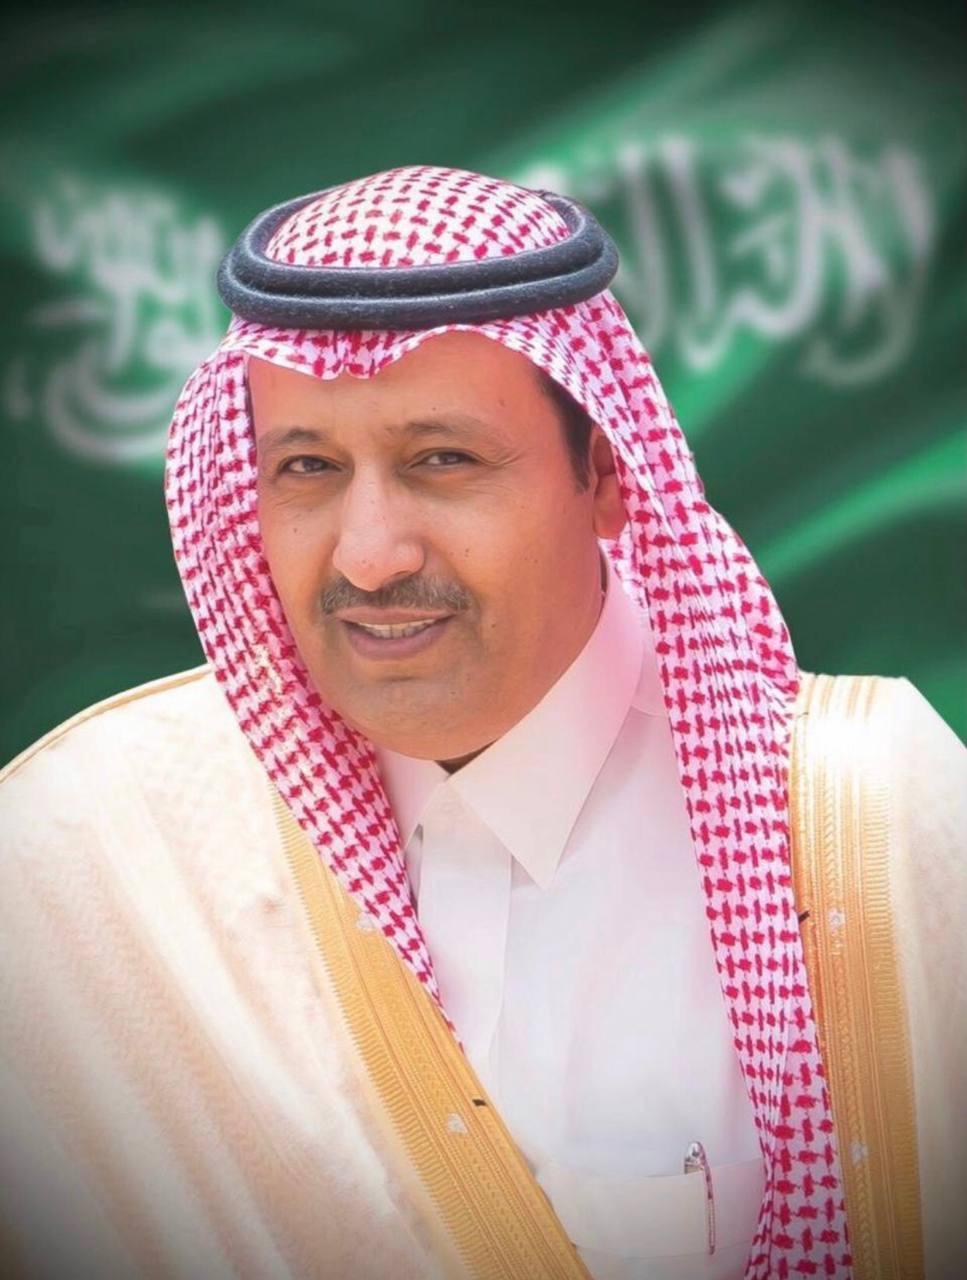 سمو أمير منطقة الباحة يتابع الحالة المطرية وتواجد الضباب على الطرق ومداخل المنتزهات